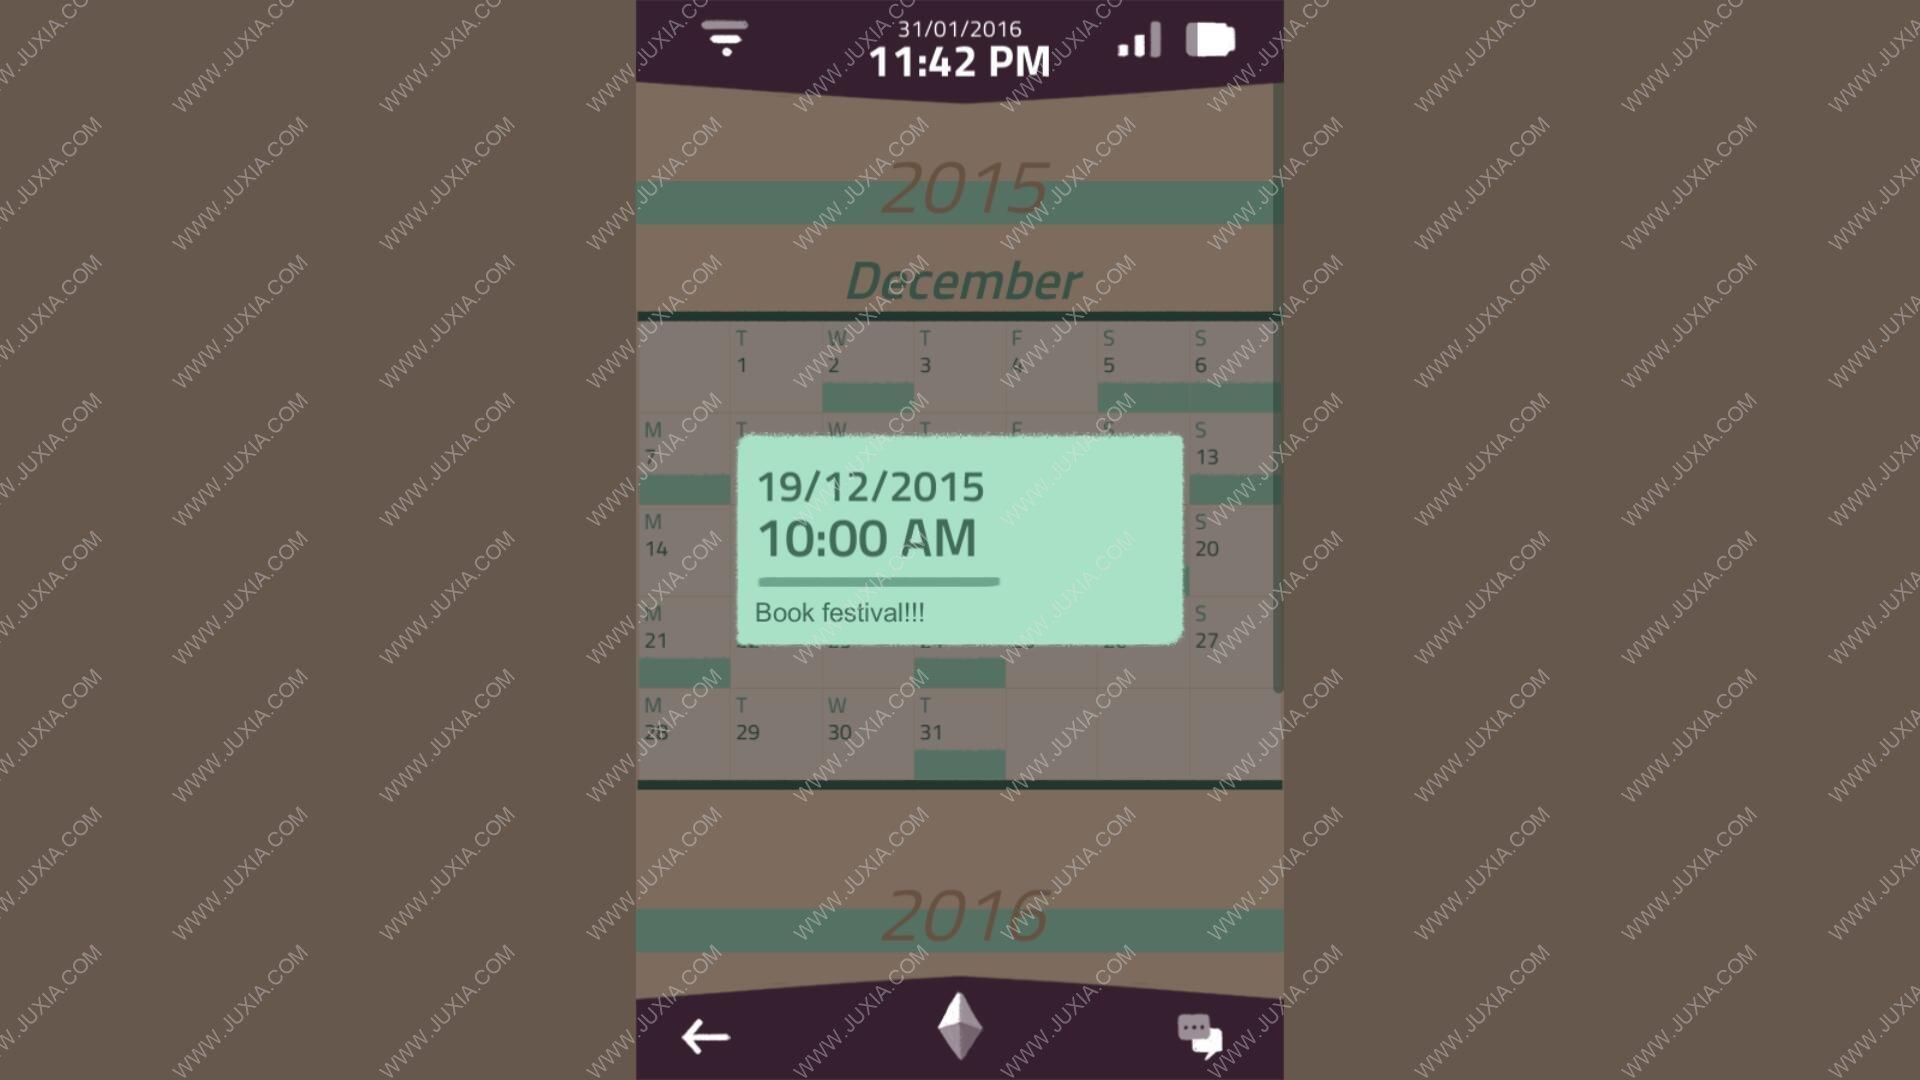 ANormalLostPhone攻略第二部分 手机疑云攻略图文